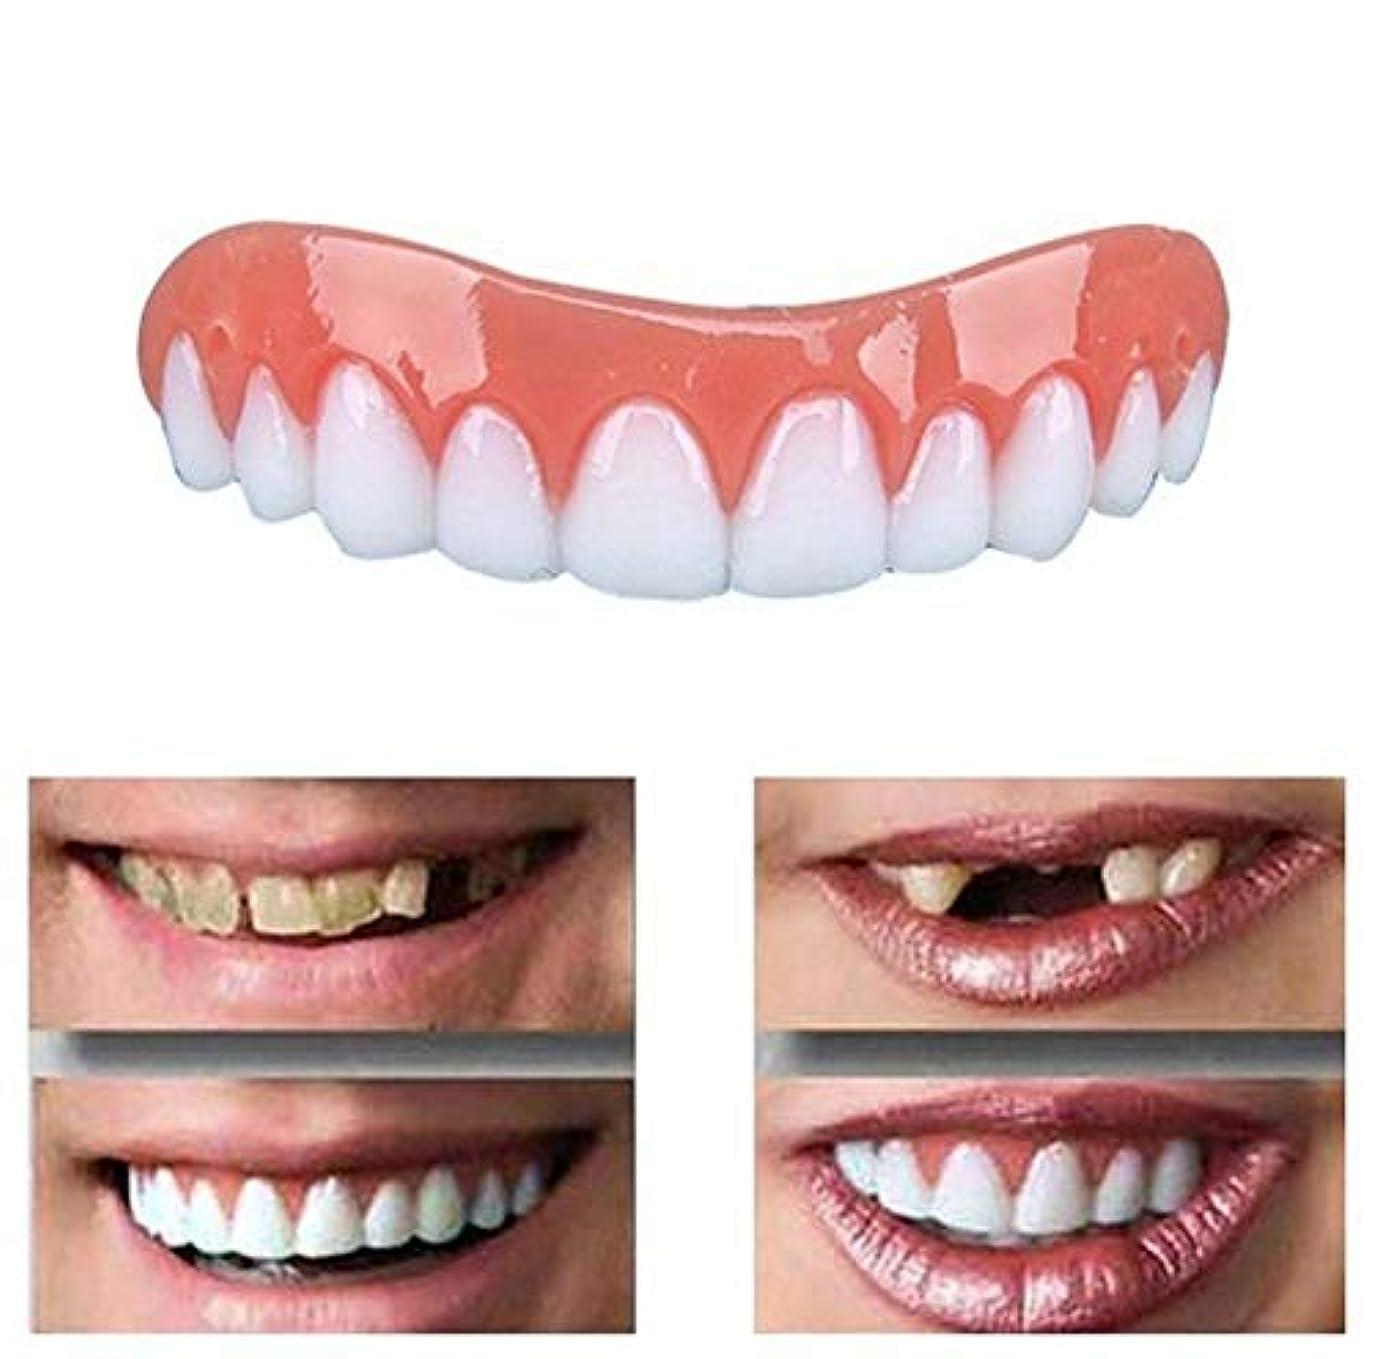 メタルラインとげのあるケーキキットの歯セットの化粧品の上部のベニヤを白くする歯の微笑のベニヤのシリコーンの訂正